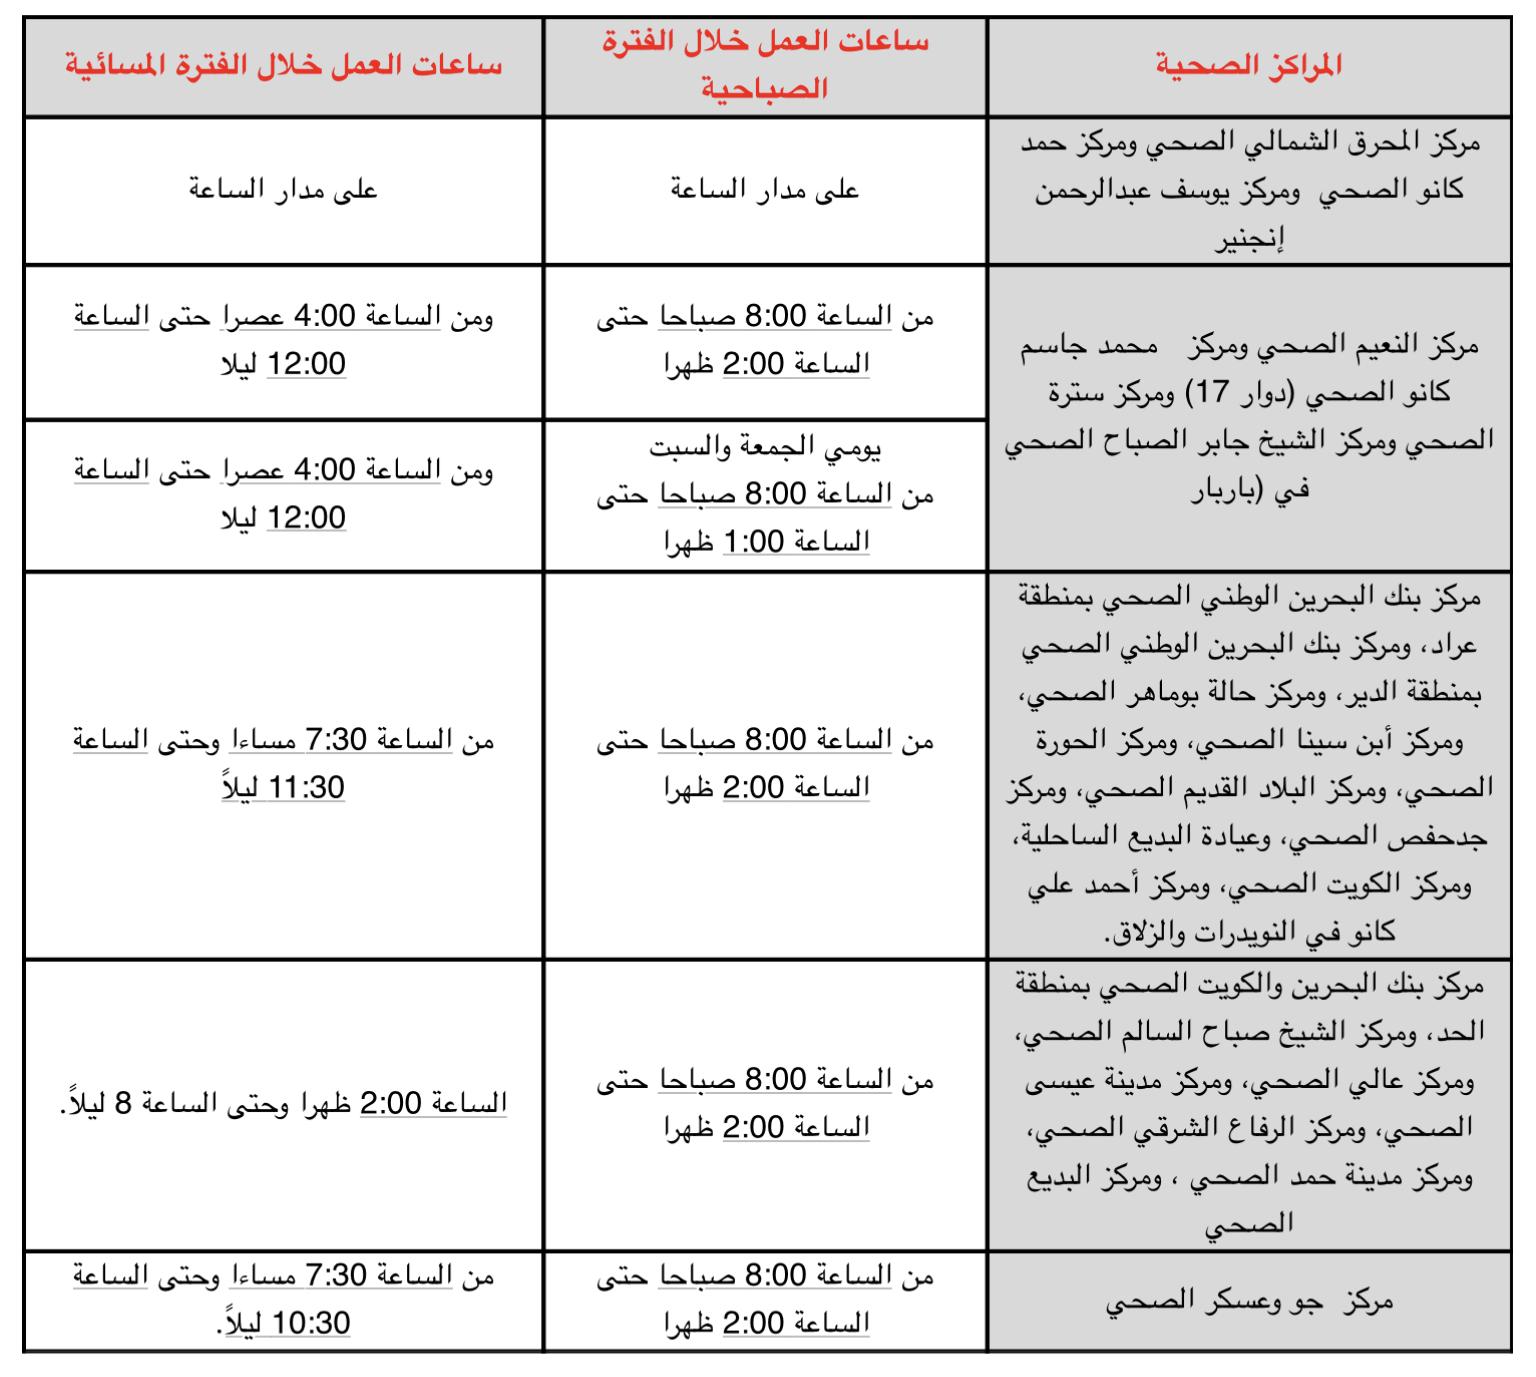 تفاصيل الخبر وزارة الصحة